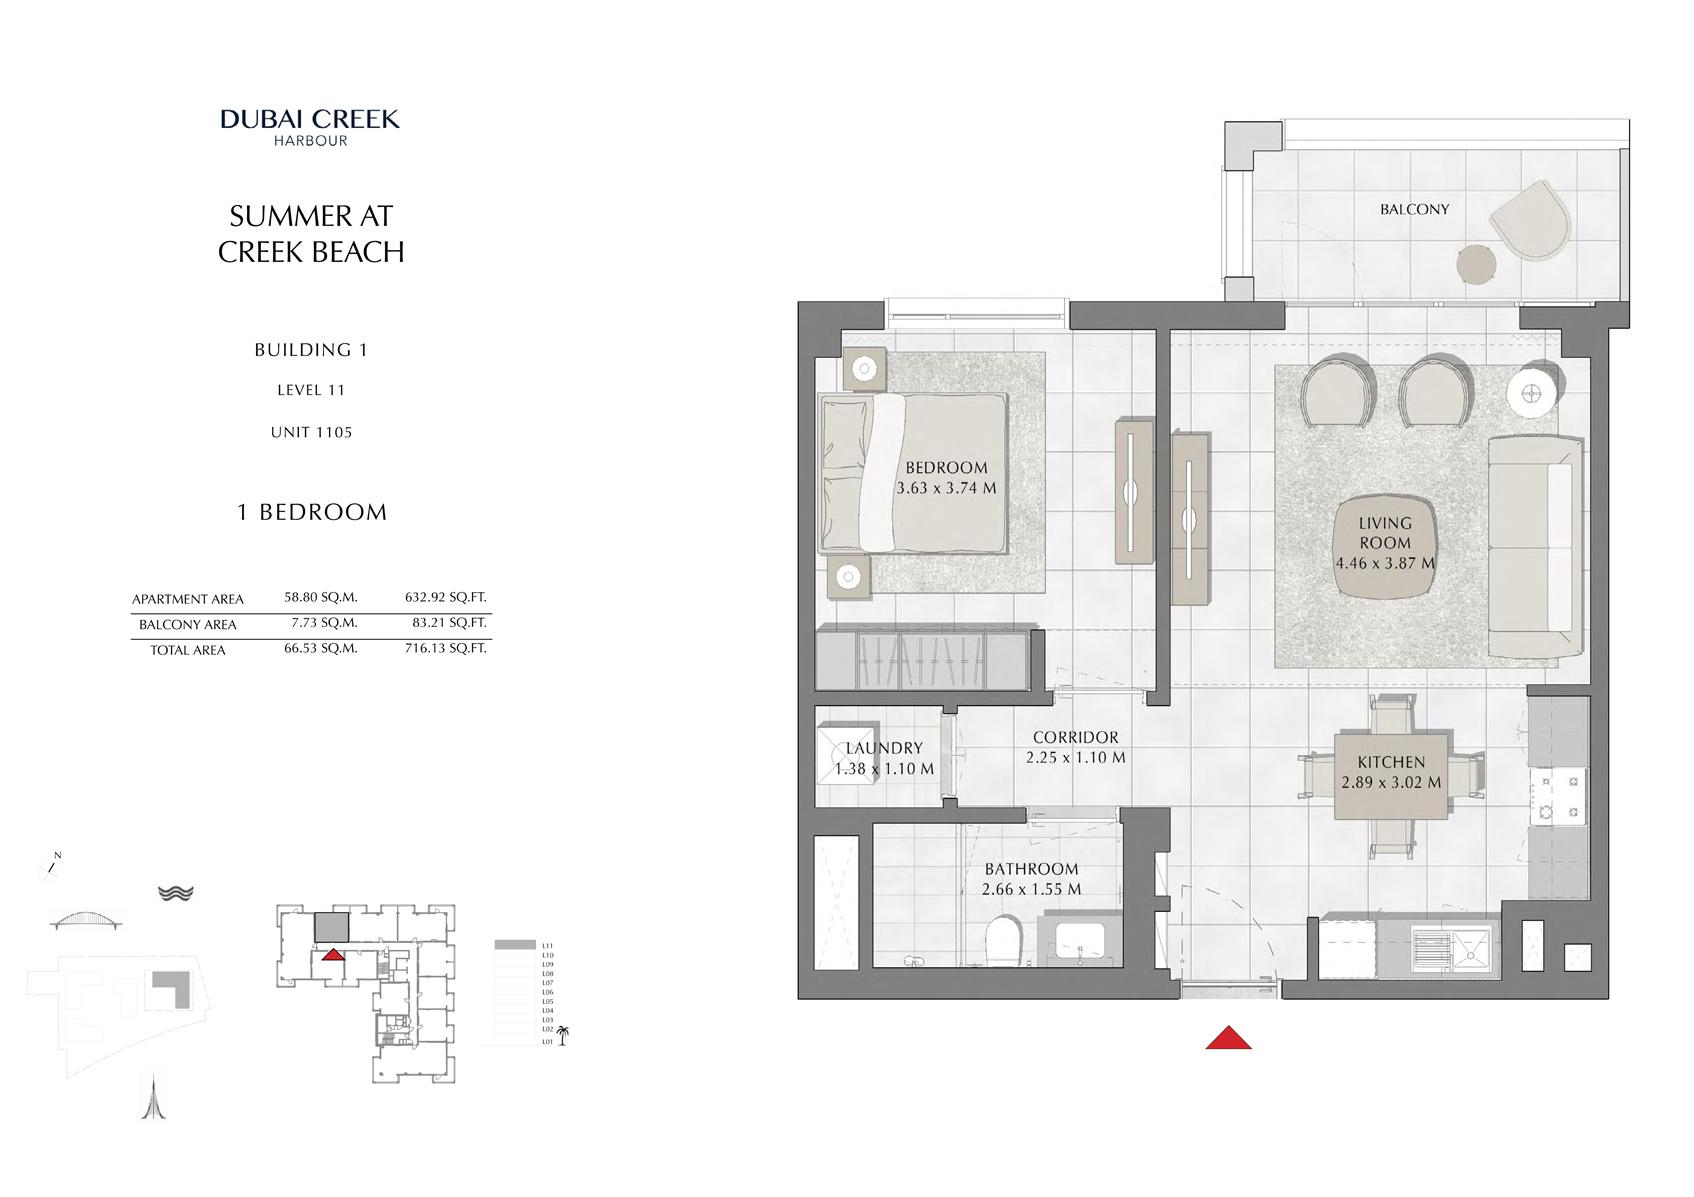 1 Br Building 1 Level 11 Unit 1105, Size 716 Sq Ft